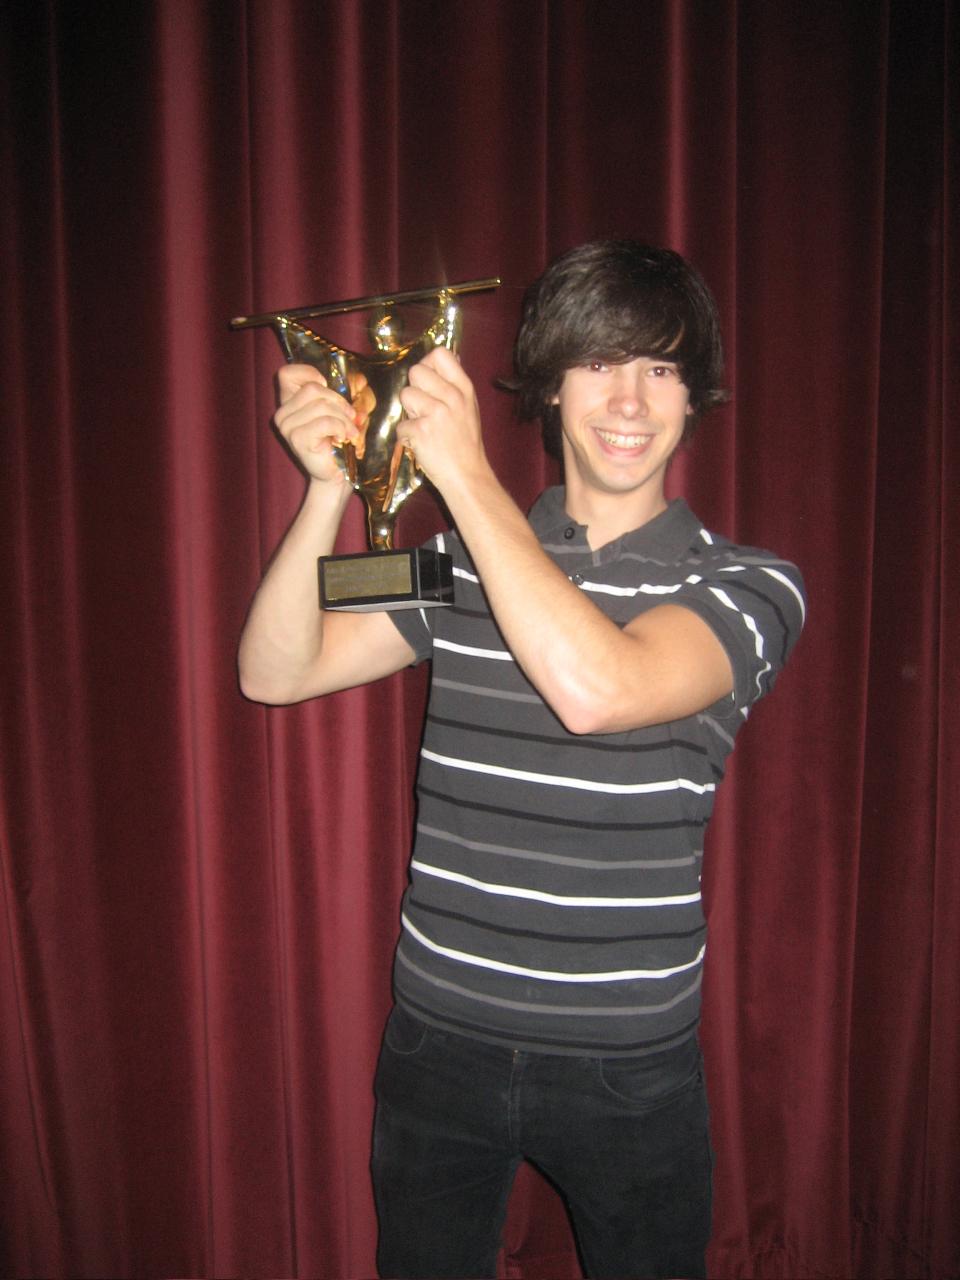 Der Zauberkünstler aus Berlin wurde zum Deutschen Meister der Zauberkunst gewählt